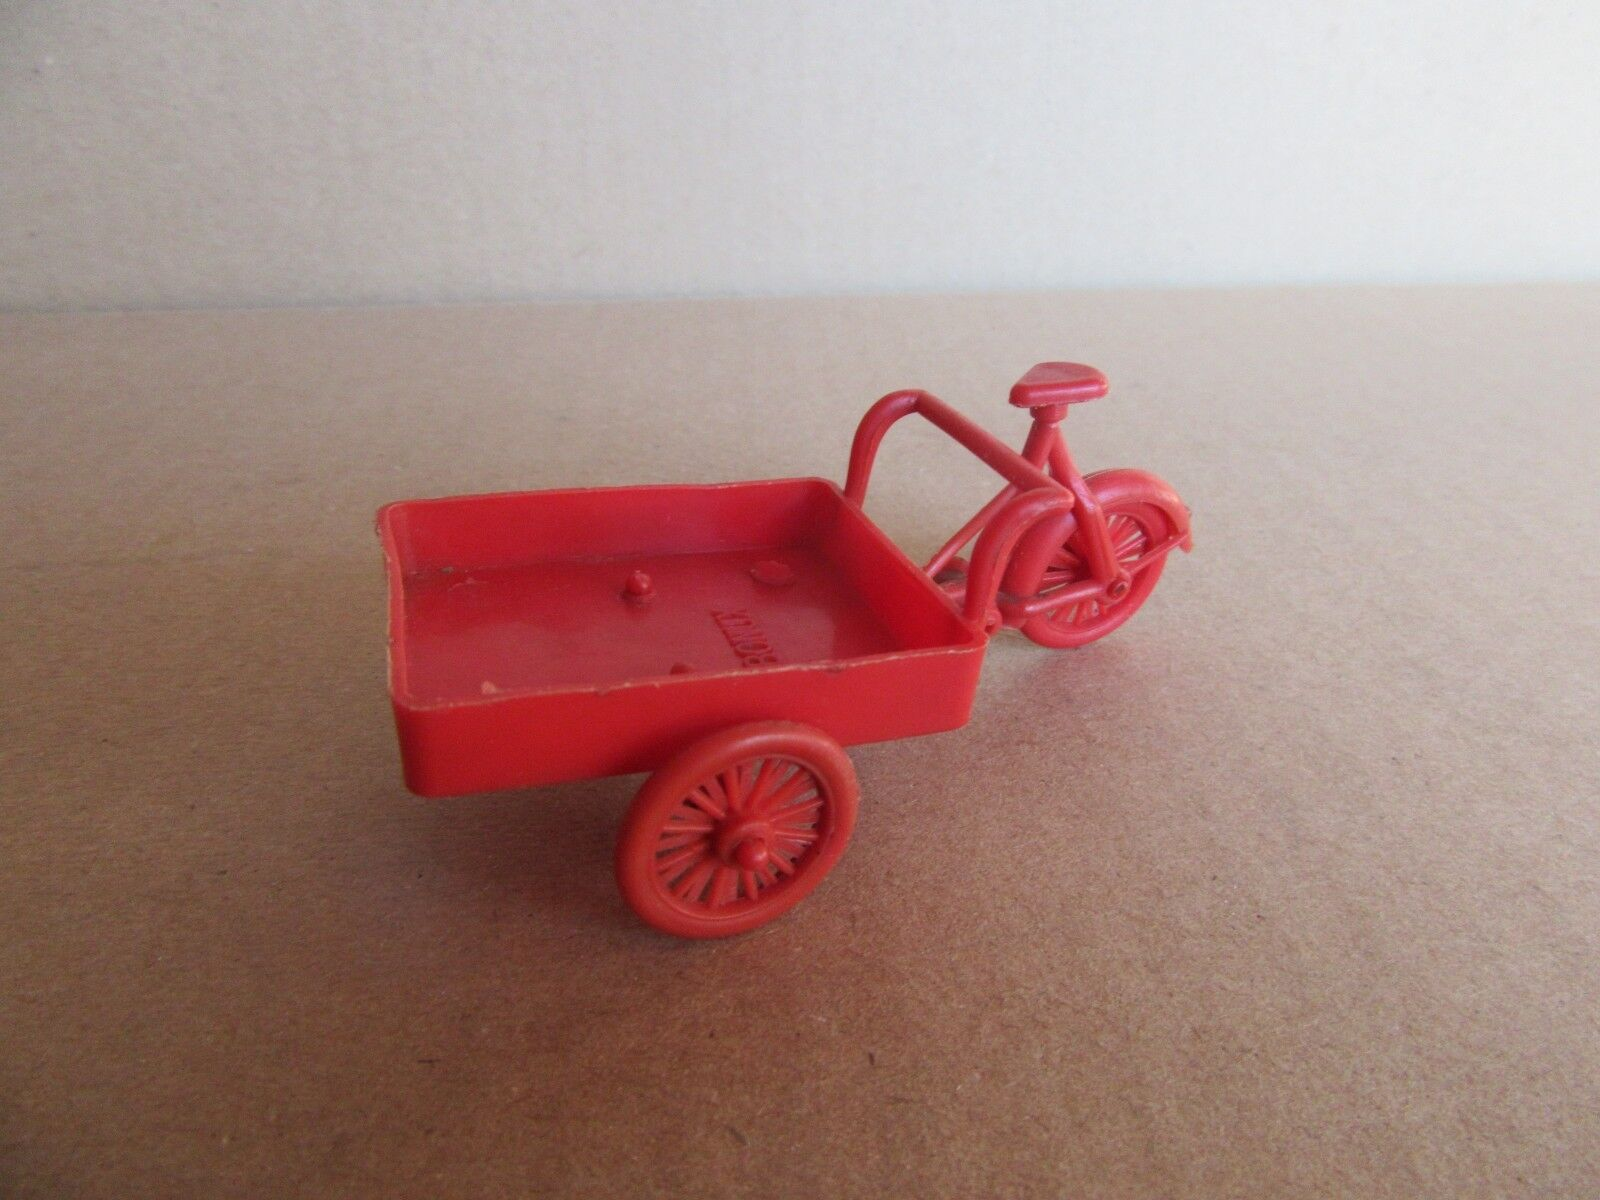 184H selten Spielzeug Schlüssel Bonux l rot Scooter 8,4 cm